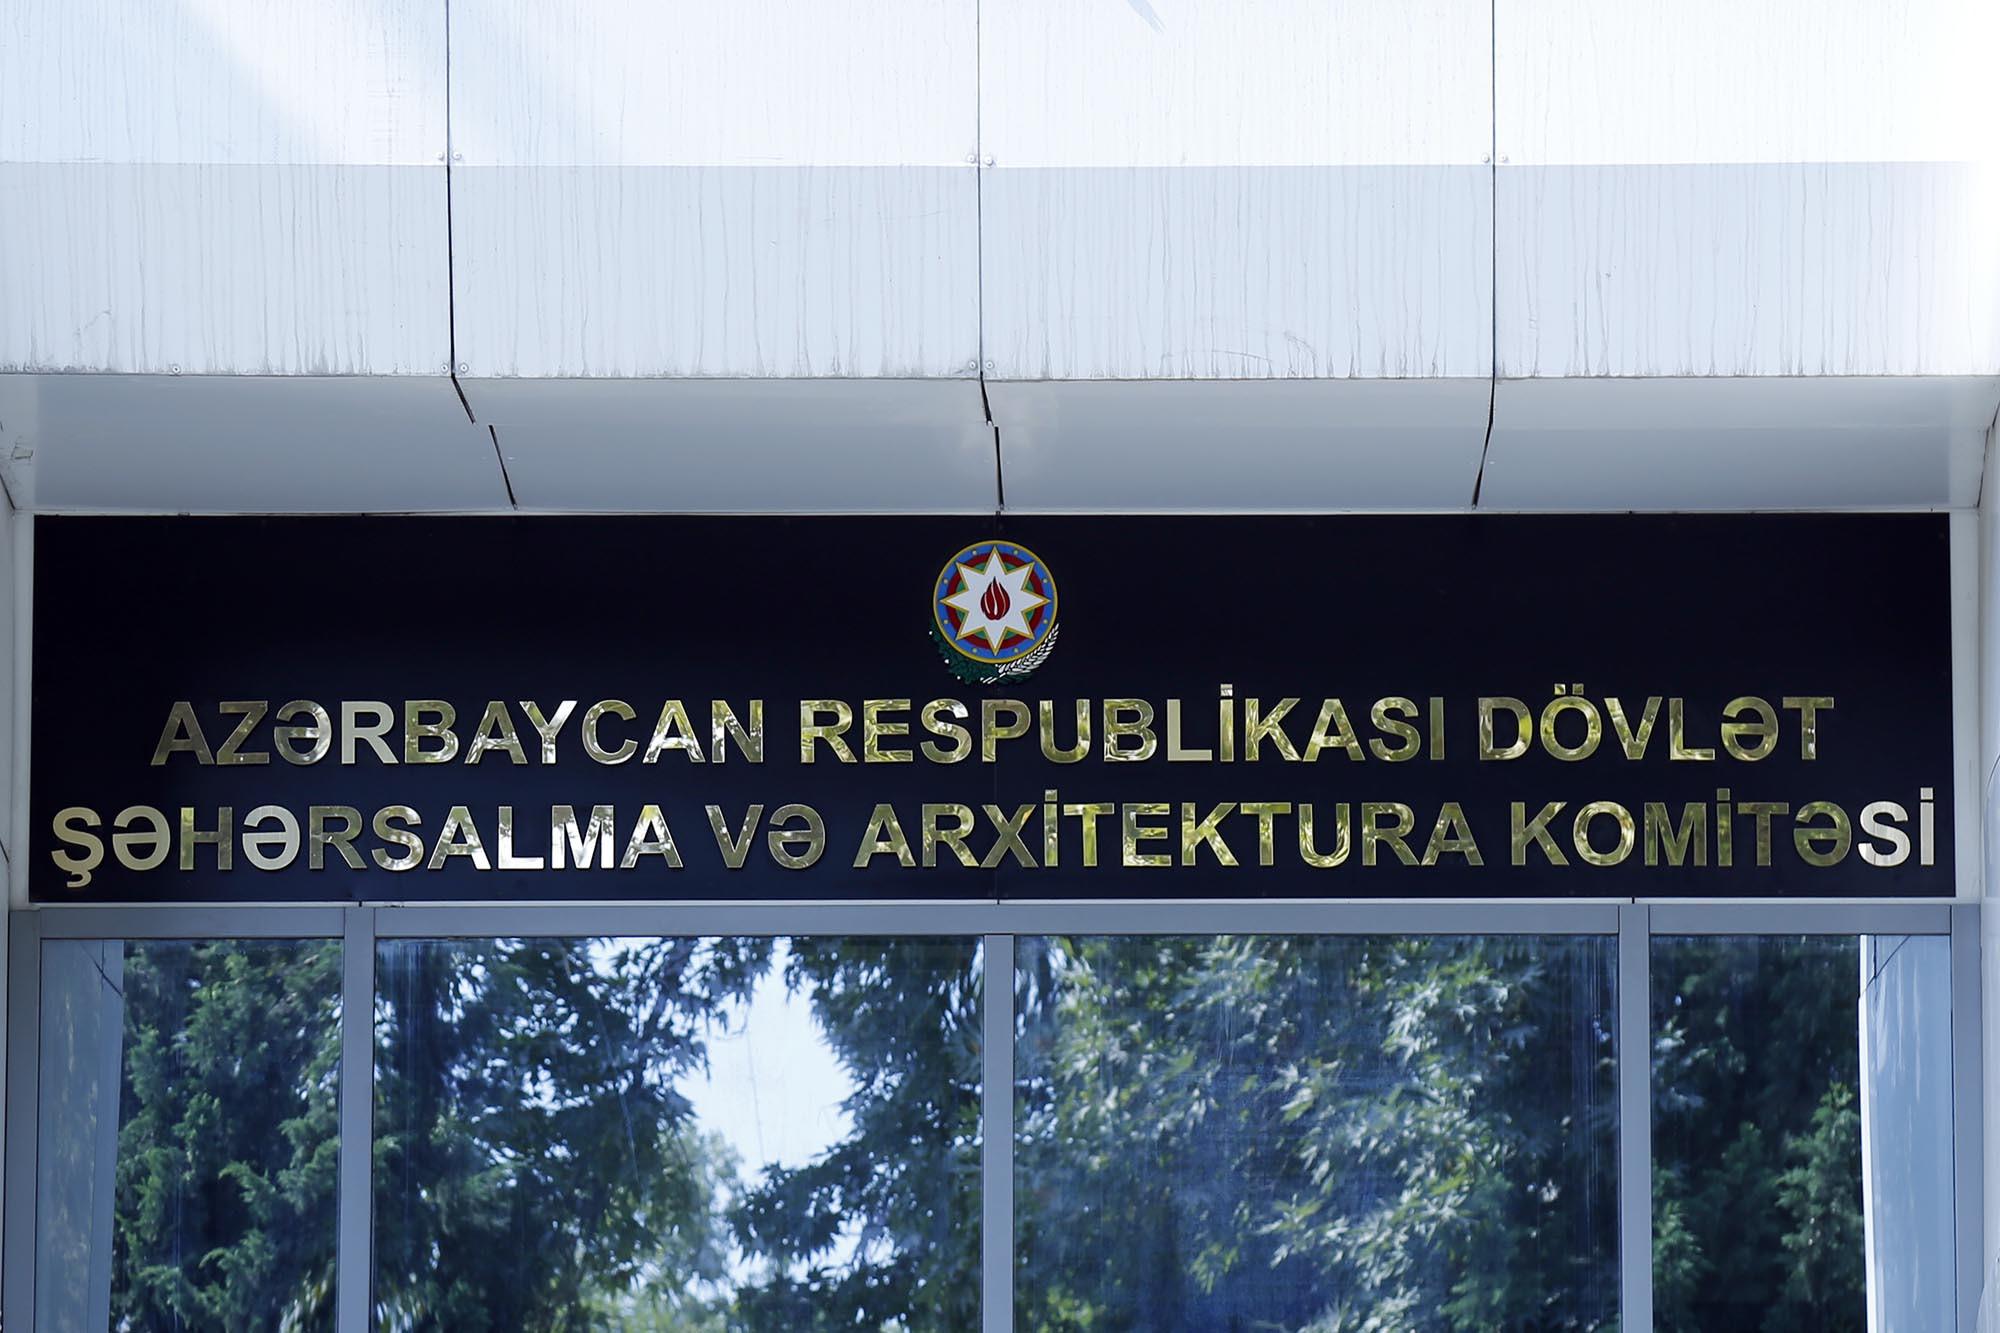 sehersalmaa-komitesi